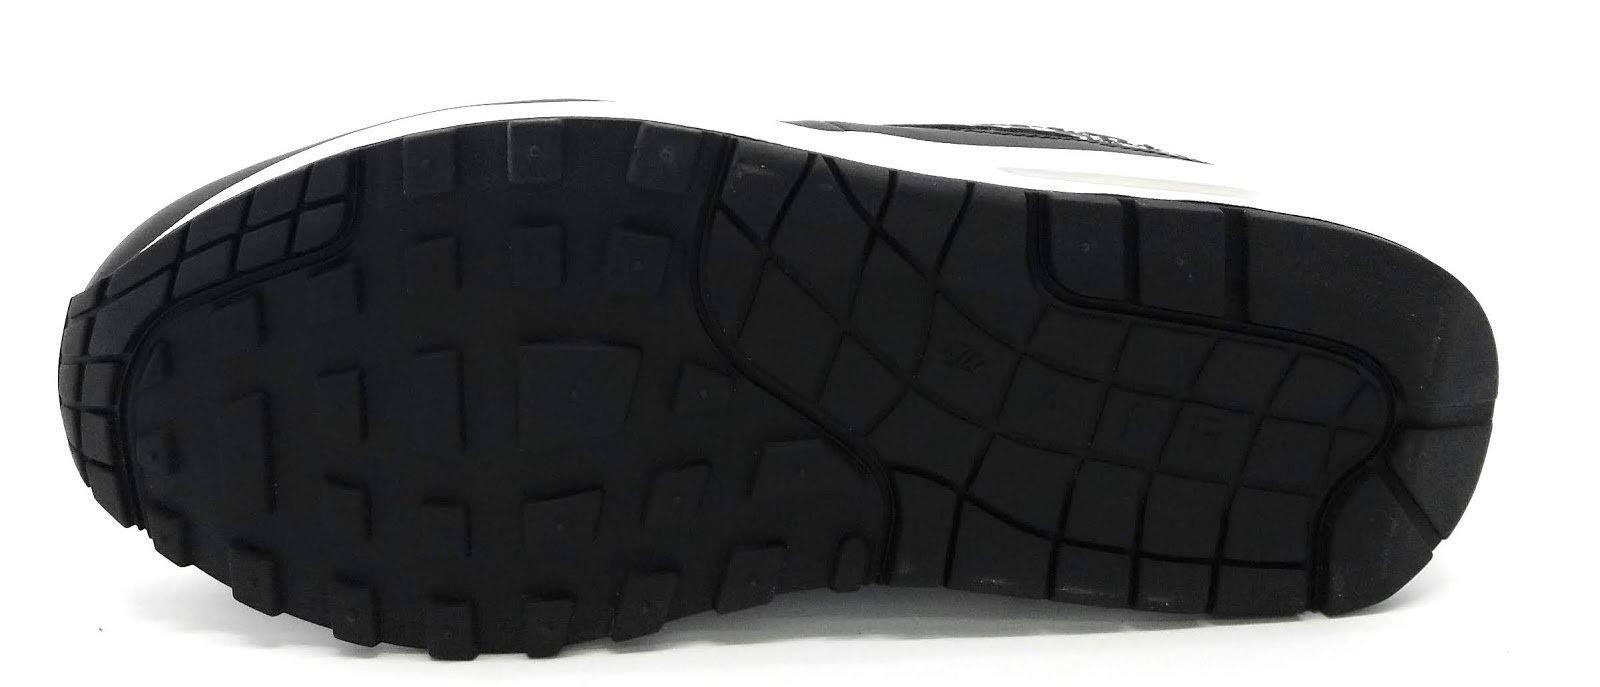 Scarpe Air arancio NeroBianco 1 Premium Ginnastica Nike Max Totale Da OZukPXi